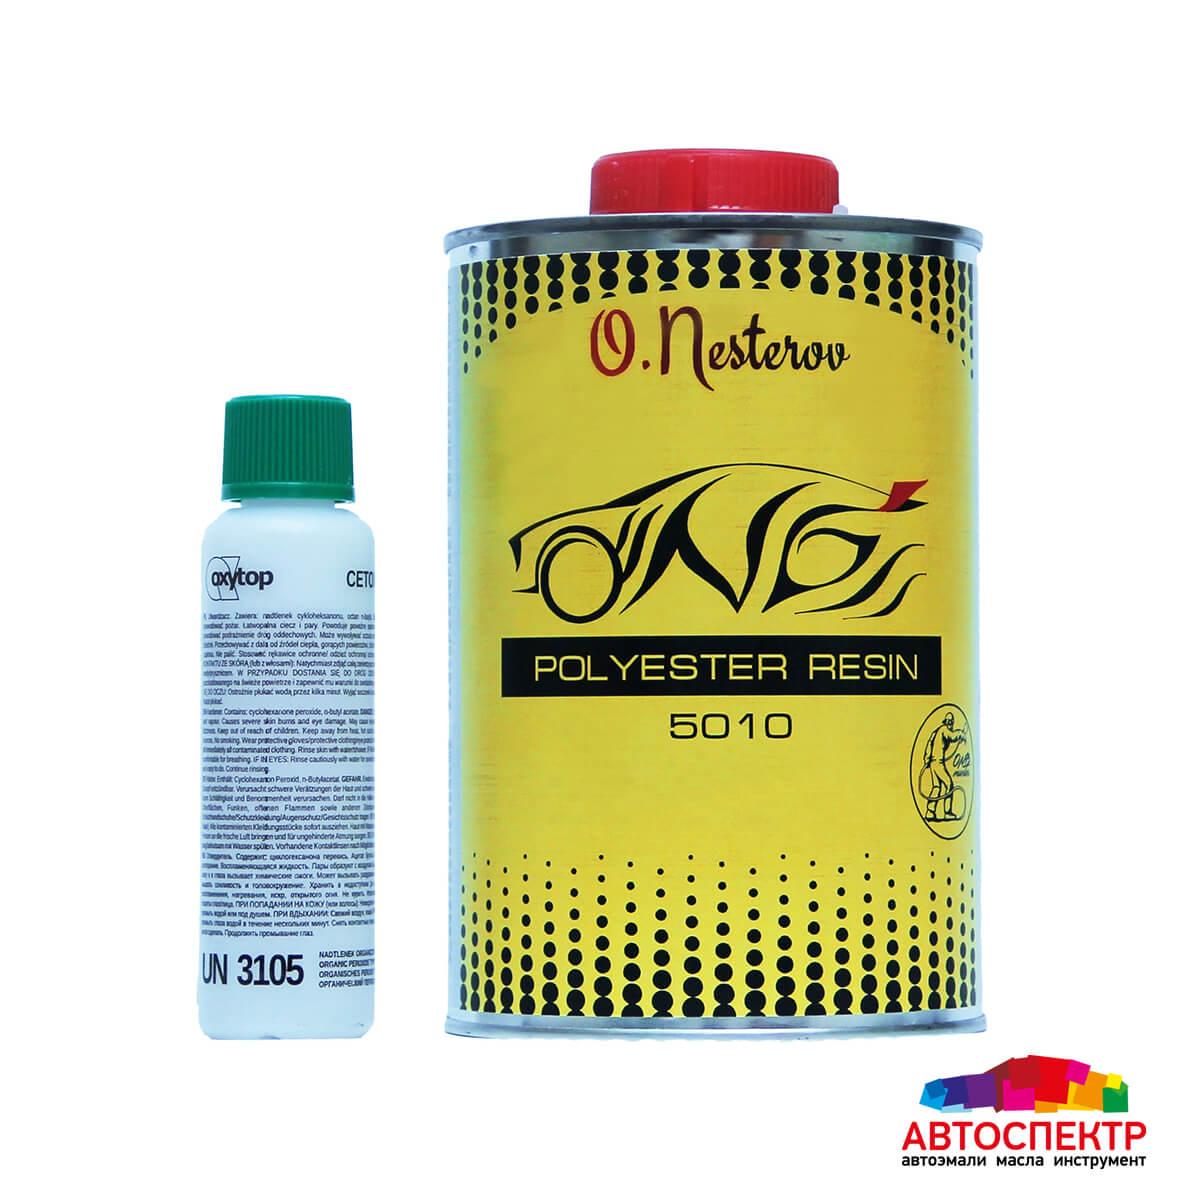 ОНБ Полиэфирная смола Polyester Resine 1кг + отвердитель 0,25гр